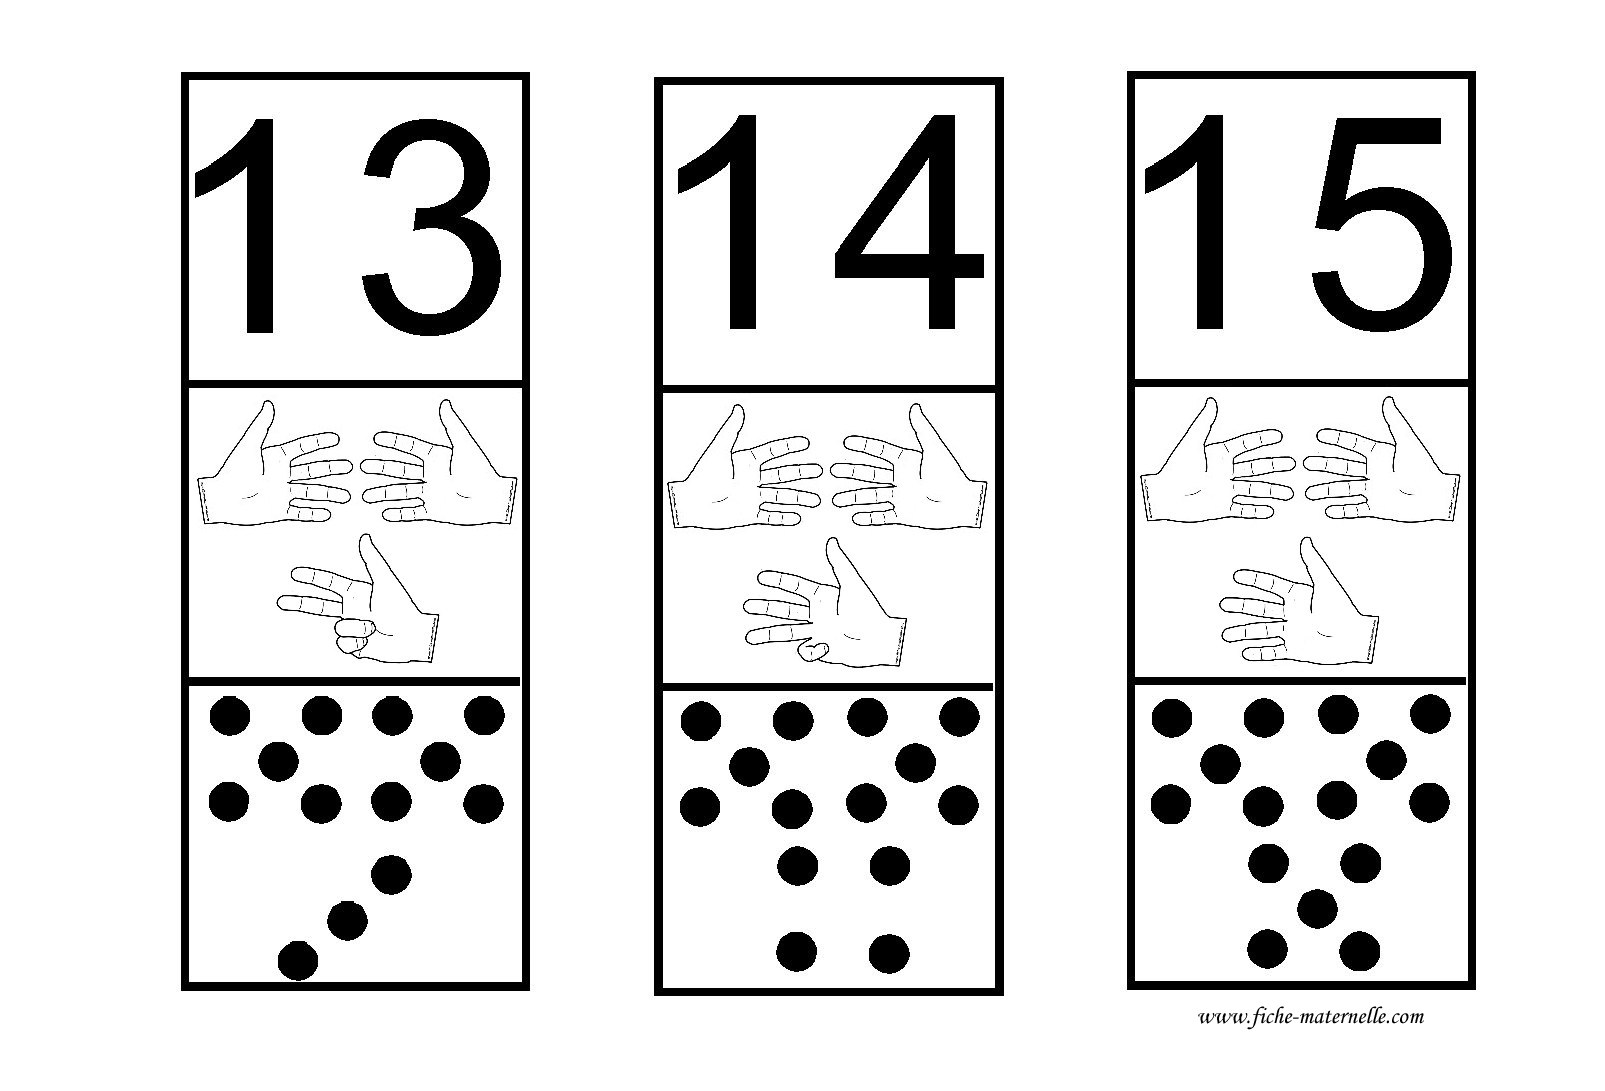 Bande num rique pour la classe for Le nombre 13 film